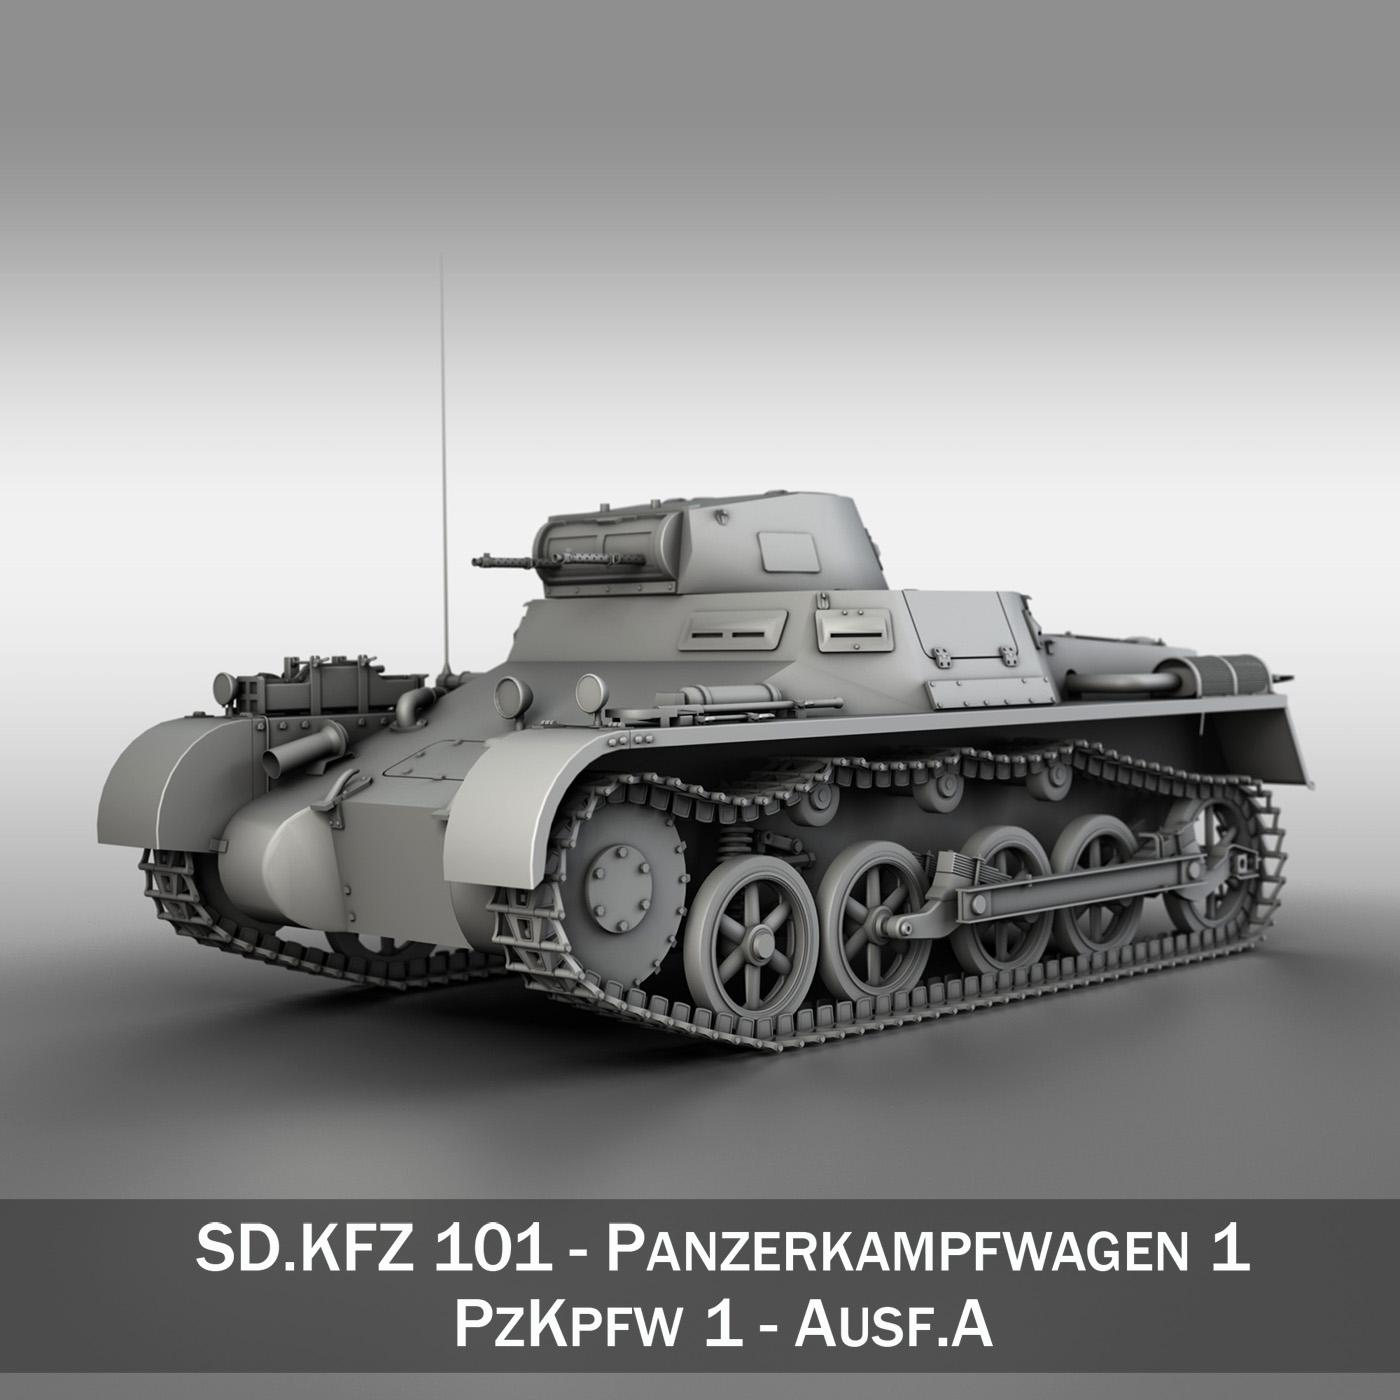 sd.kfz 101 pzkpfw 1 ausfuehrung a 3d model 3ds fbx c4d lwo obj 188865